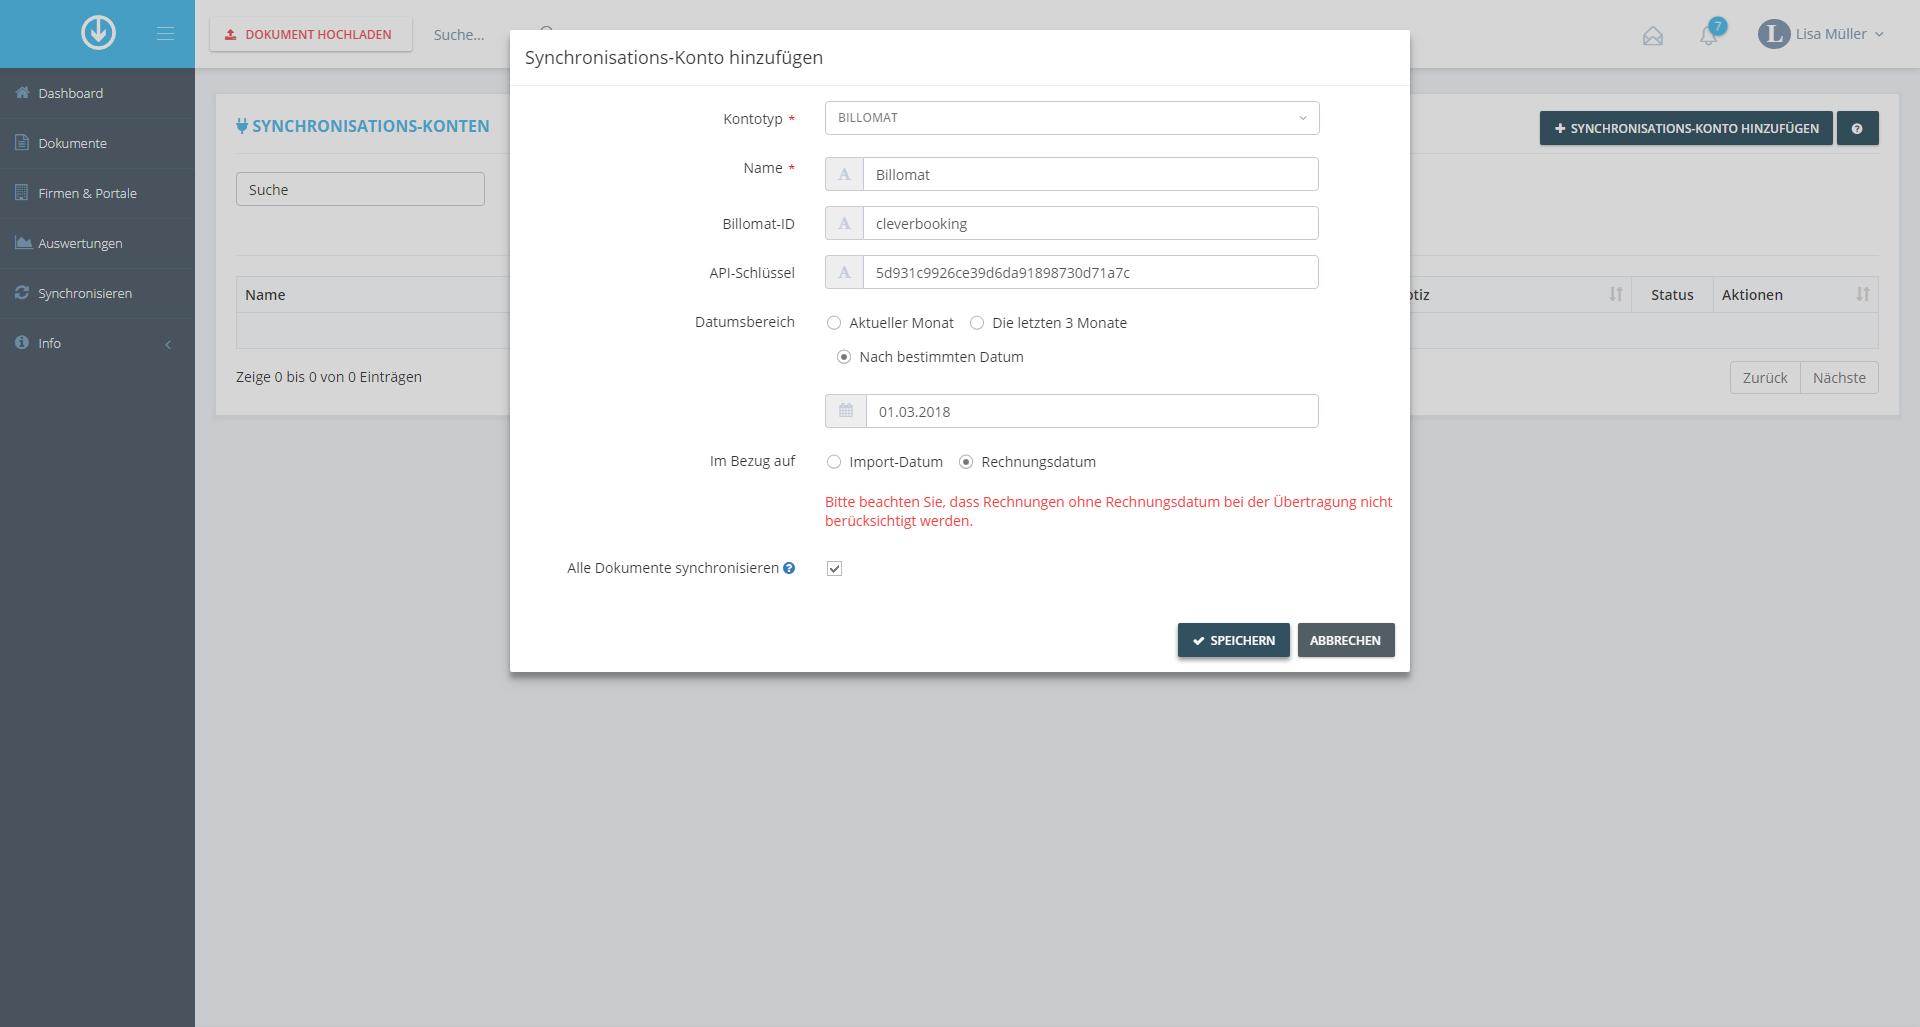 3. Dokumentenexport: Synchronisationskonto hinzufügen